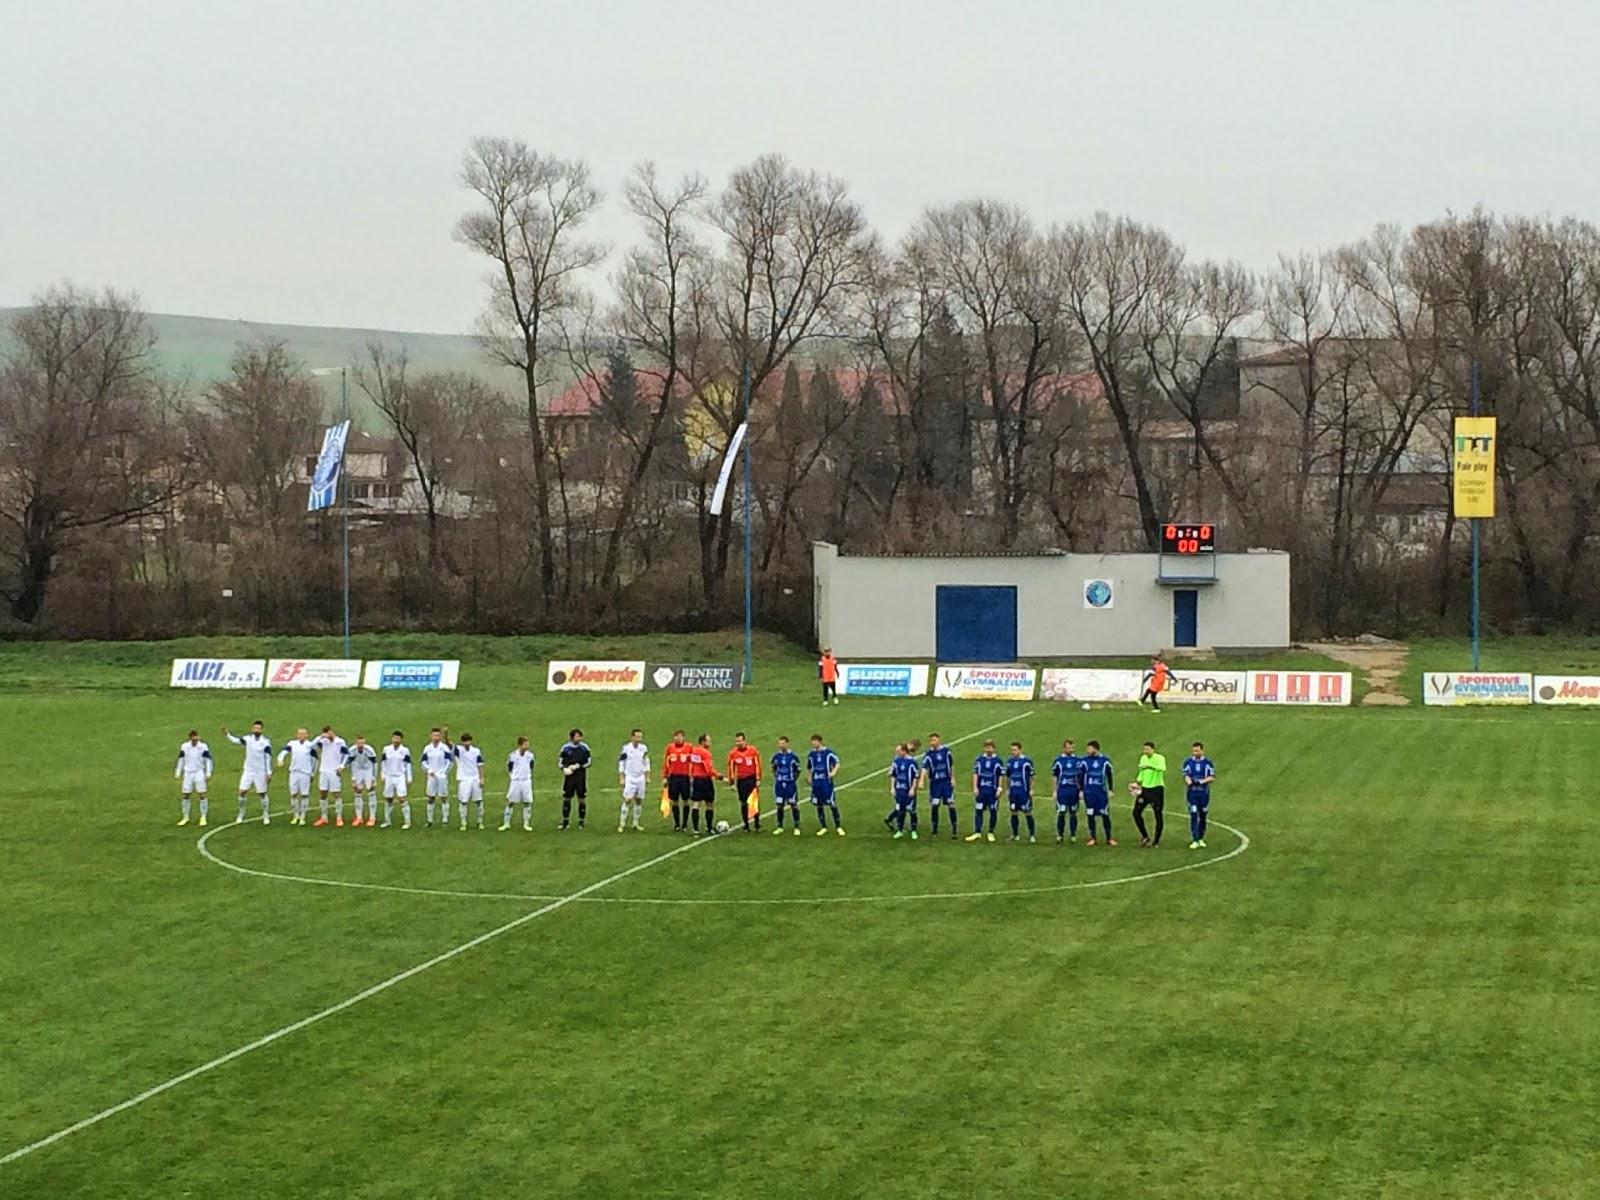 3086c33f2c5cb Dnes sa hral futbal v chladnom počasí a v závere už diváci začali mrznúť no  práve koniec zápasu priniesol futbal z ktorého najviac zahrialo prítomných  ...